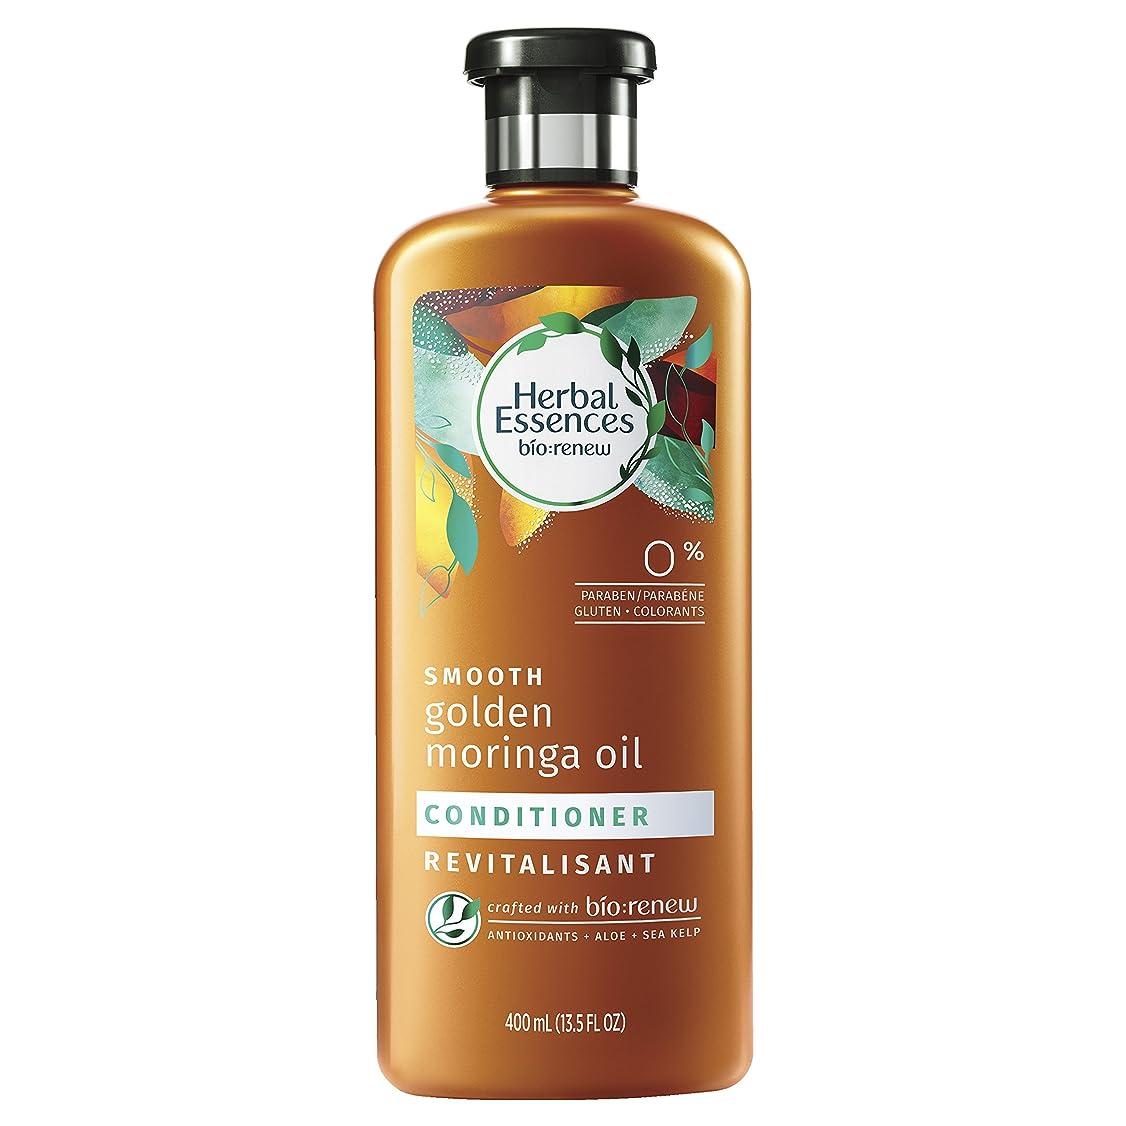 インスタンス補助直立Herbal Essences ゴールデンモリンガオイルコンディショナー、13.5液量オンス(2パック)をスムーズBiorenew